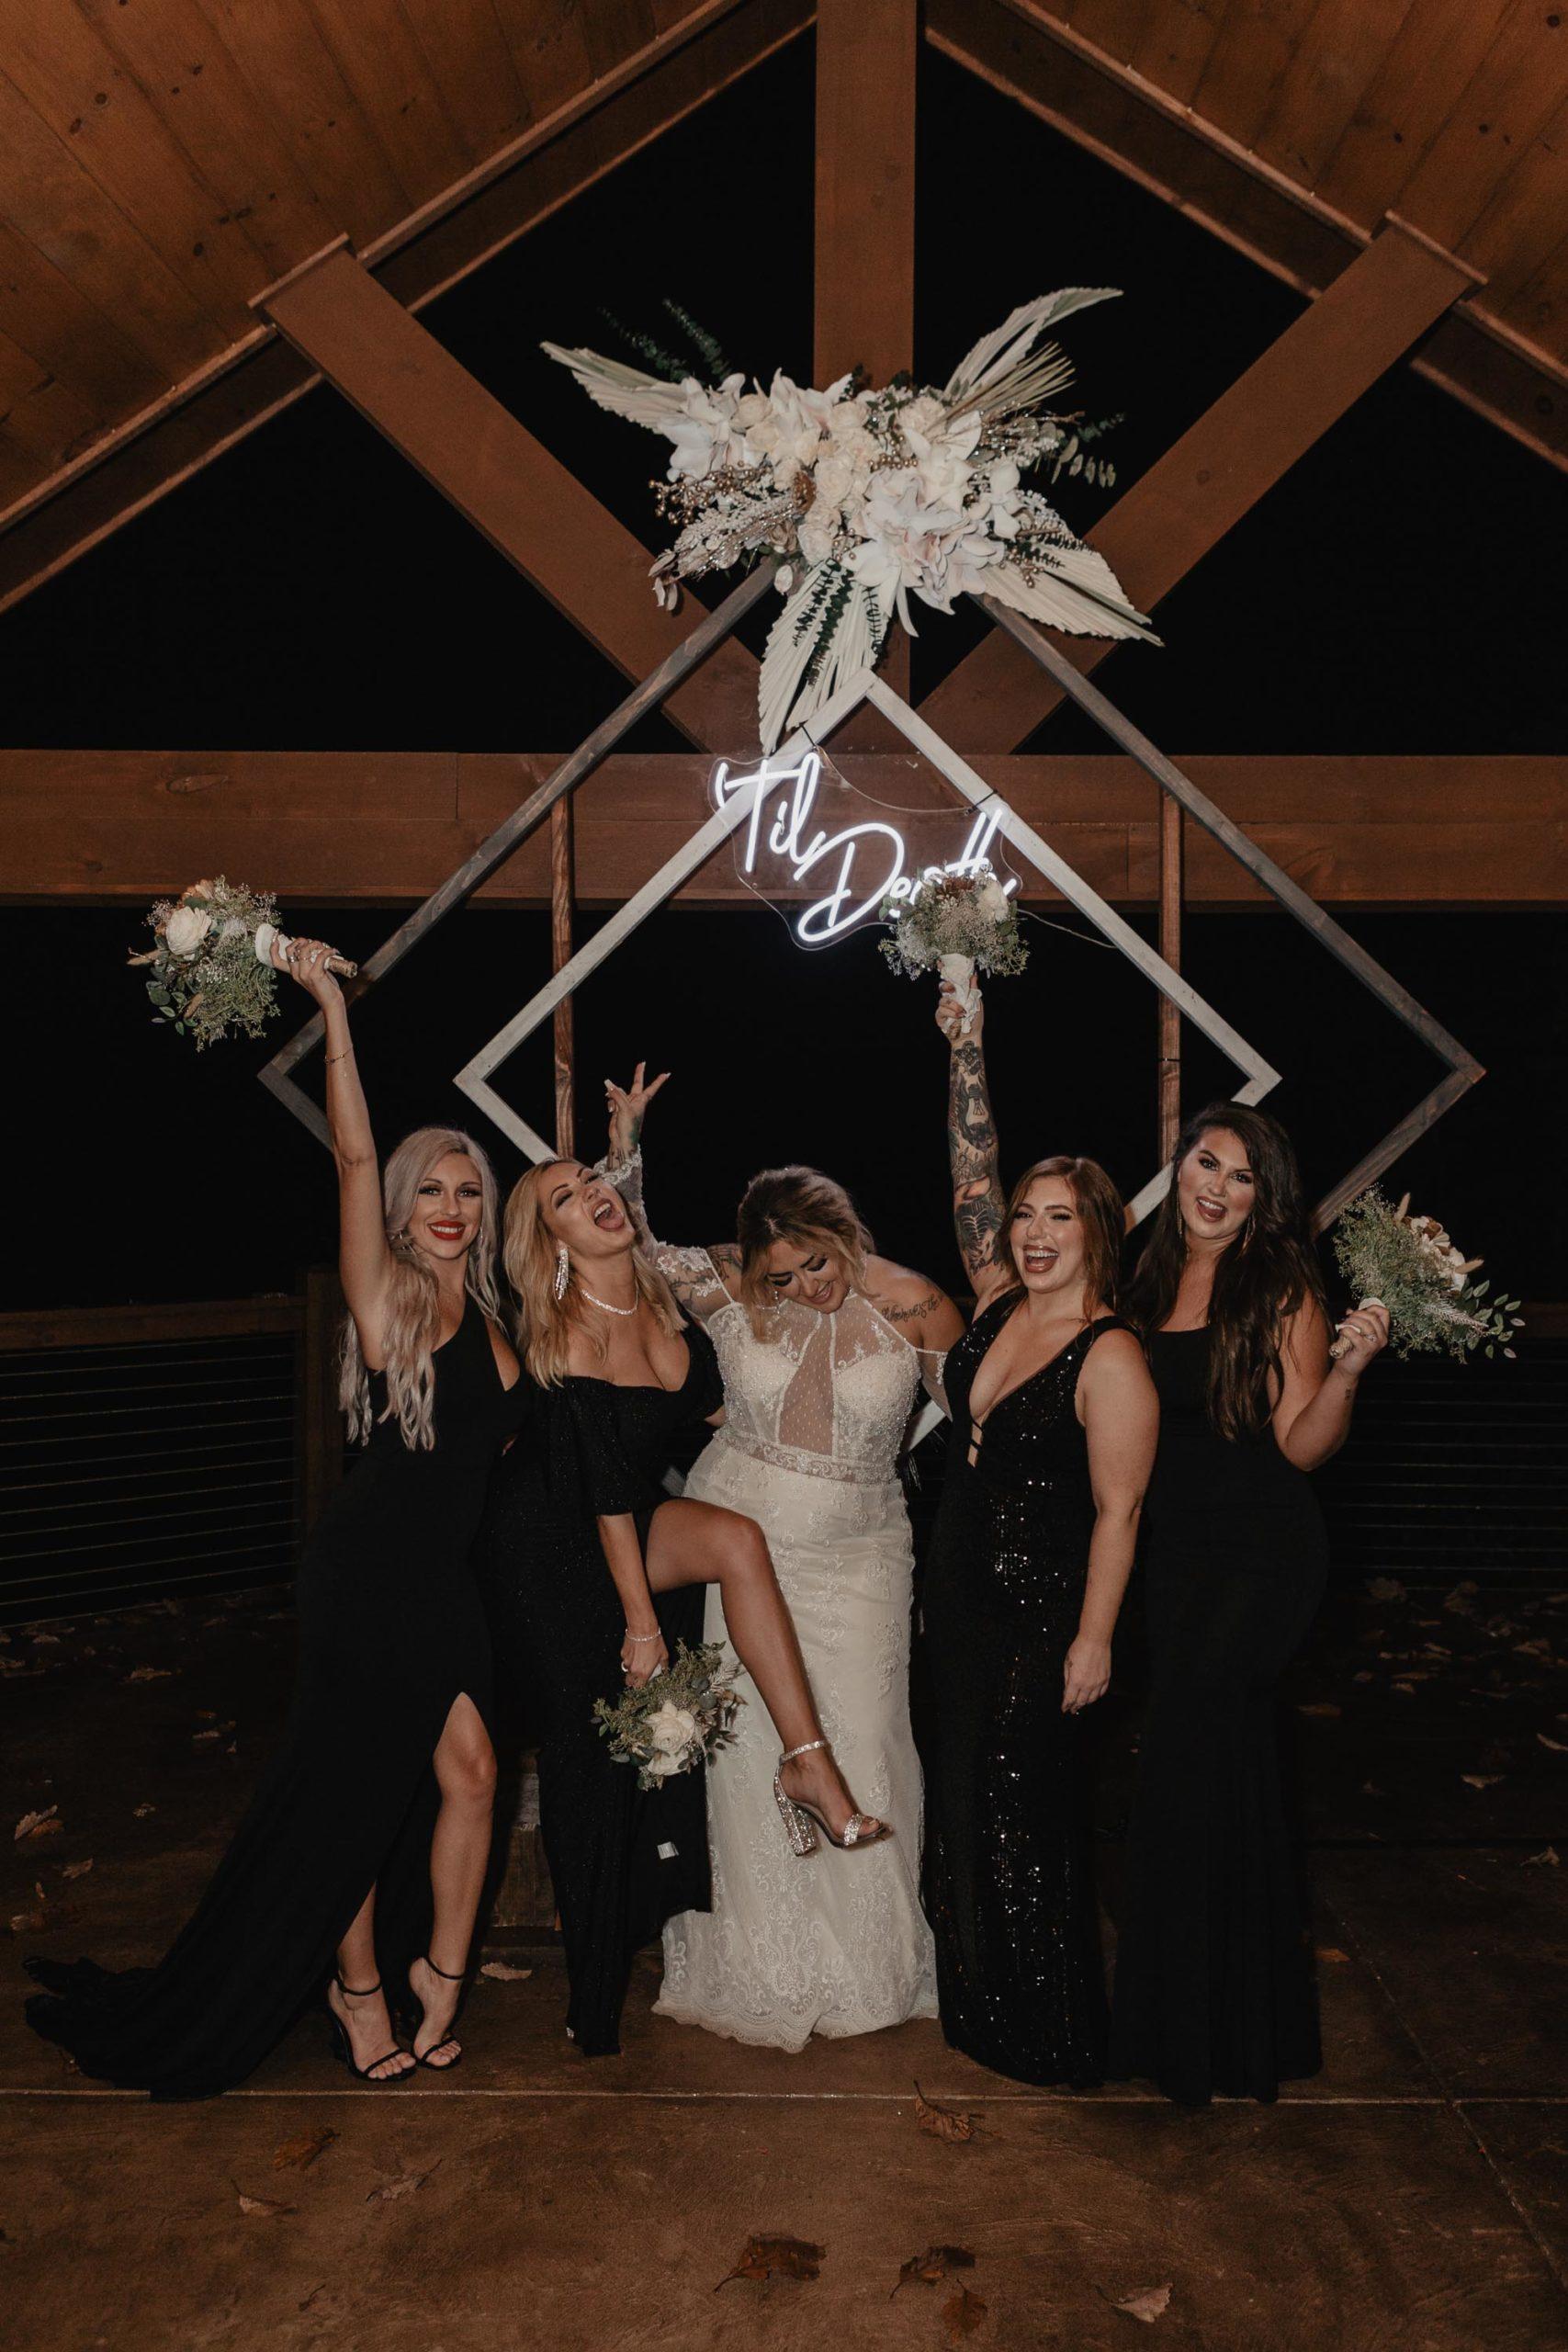 'Til Death neon light for wedding